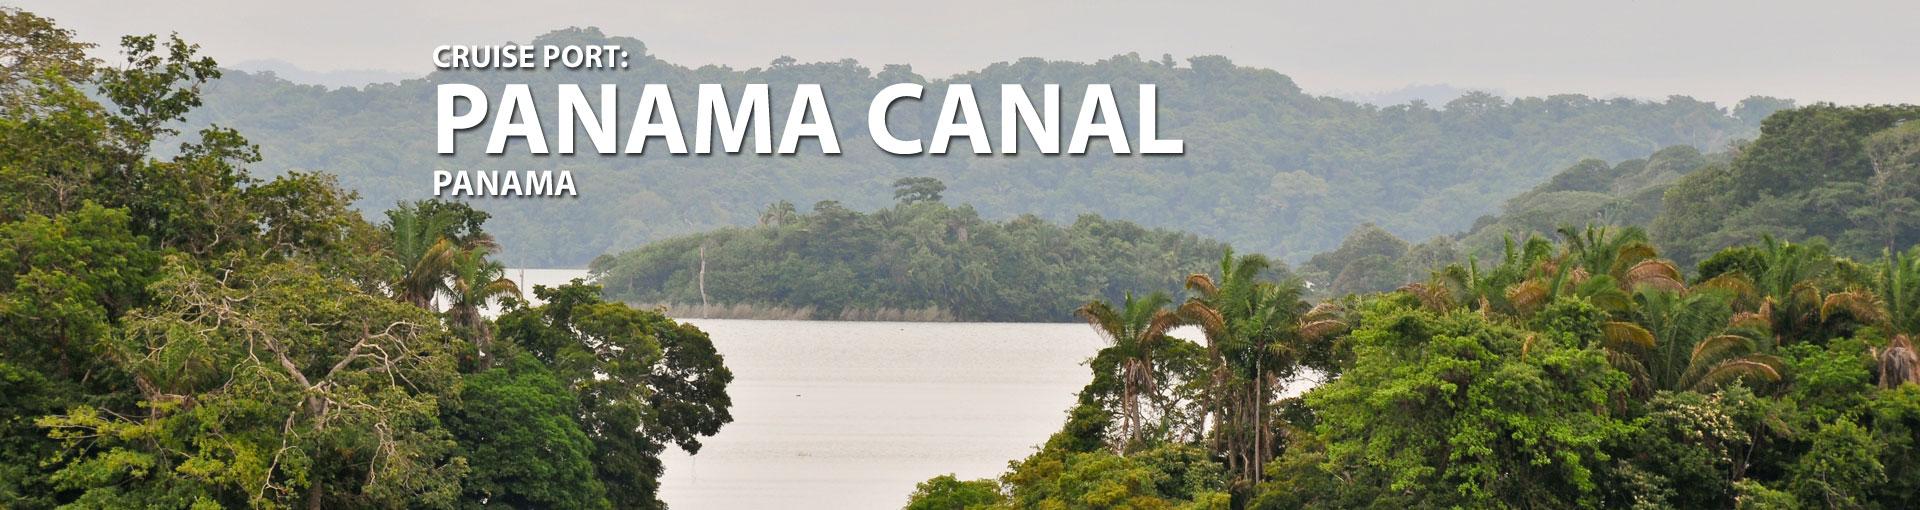 Cruises to Panama Canal, Gatun Lake, Panama